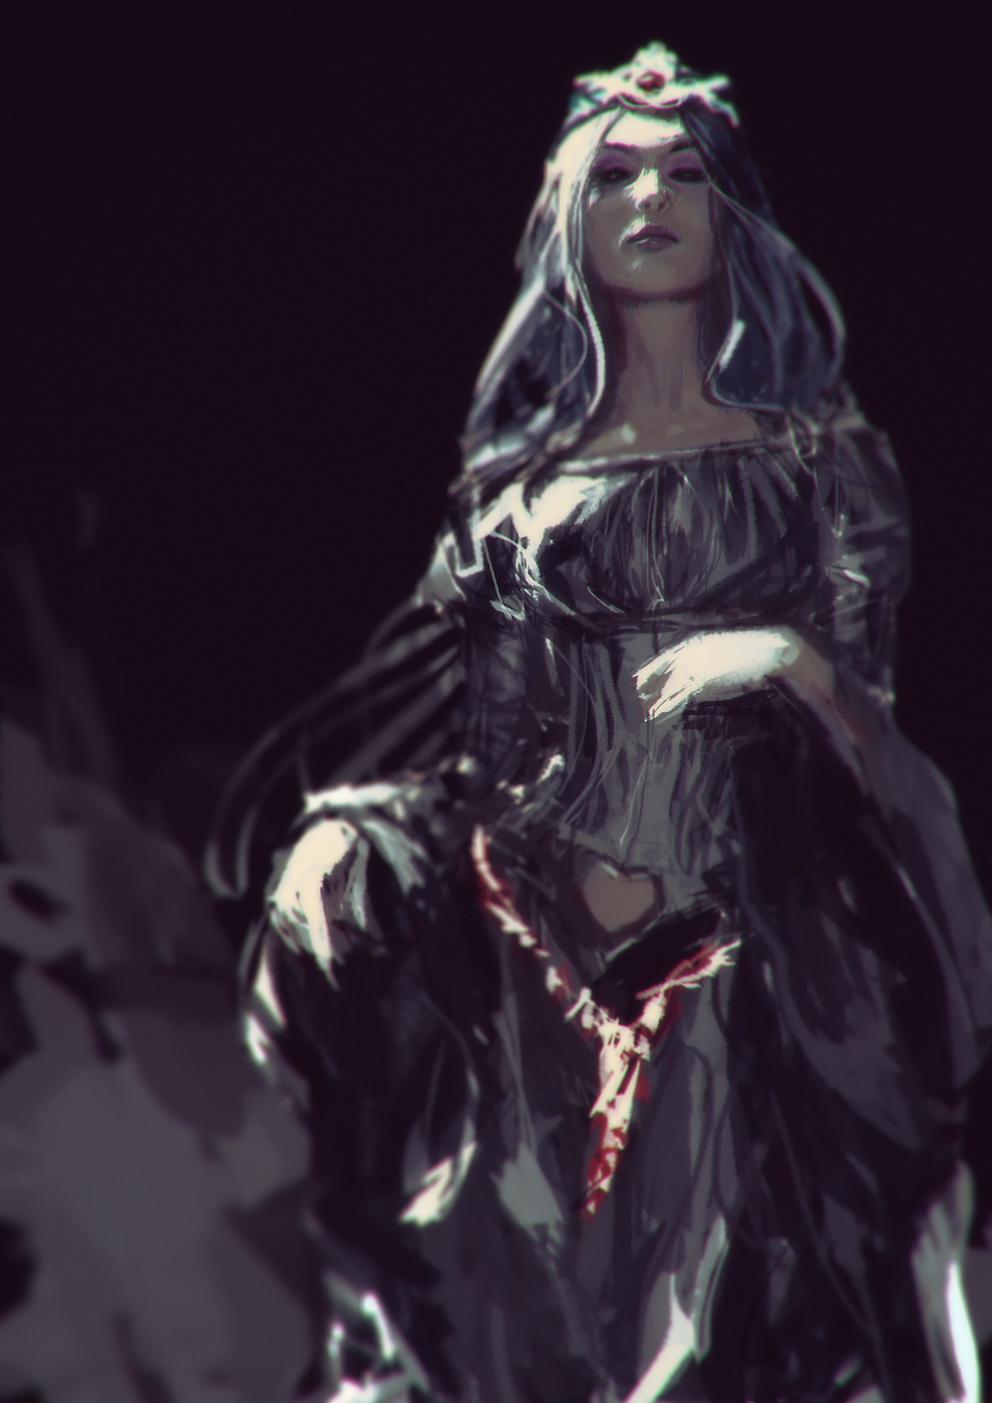 Lady Lafresia Fan art by AldgerRelpa